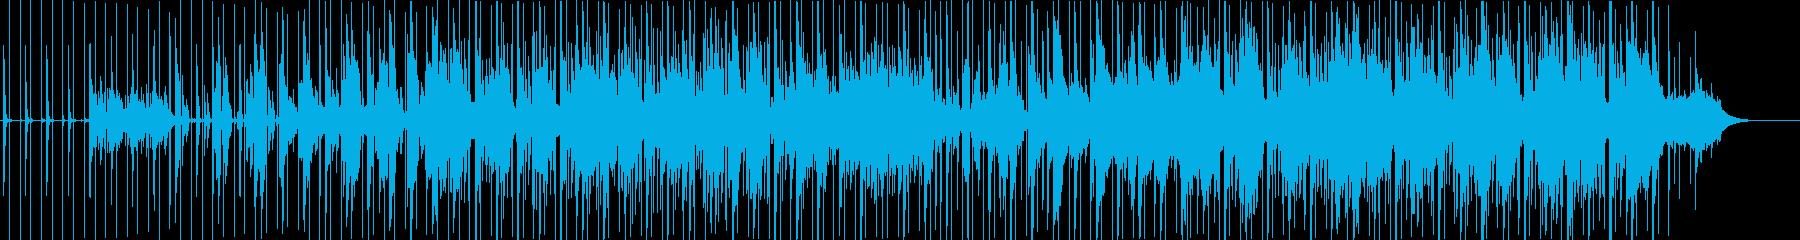 出発の再生済みの波形